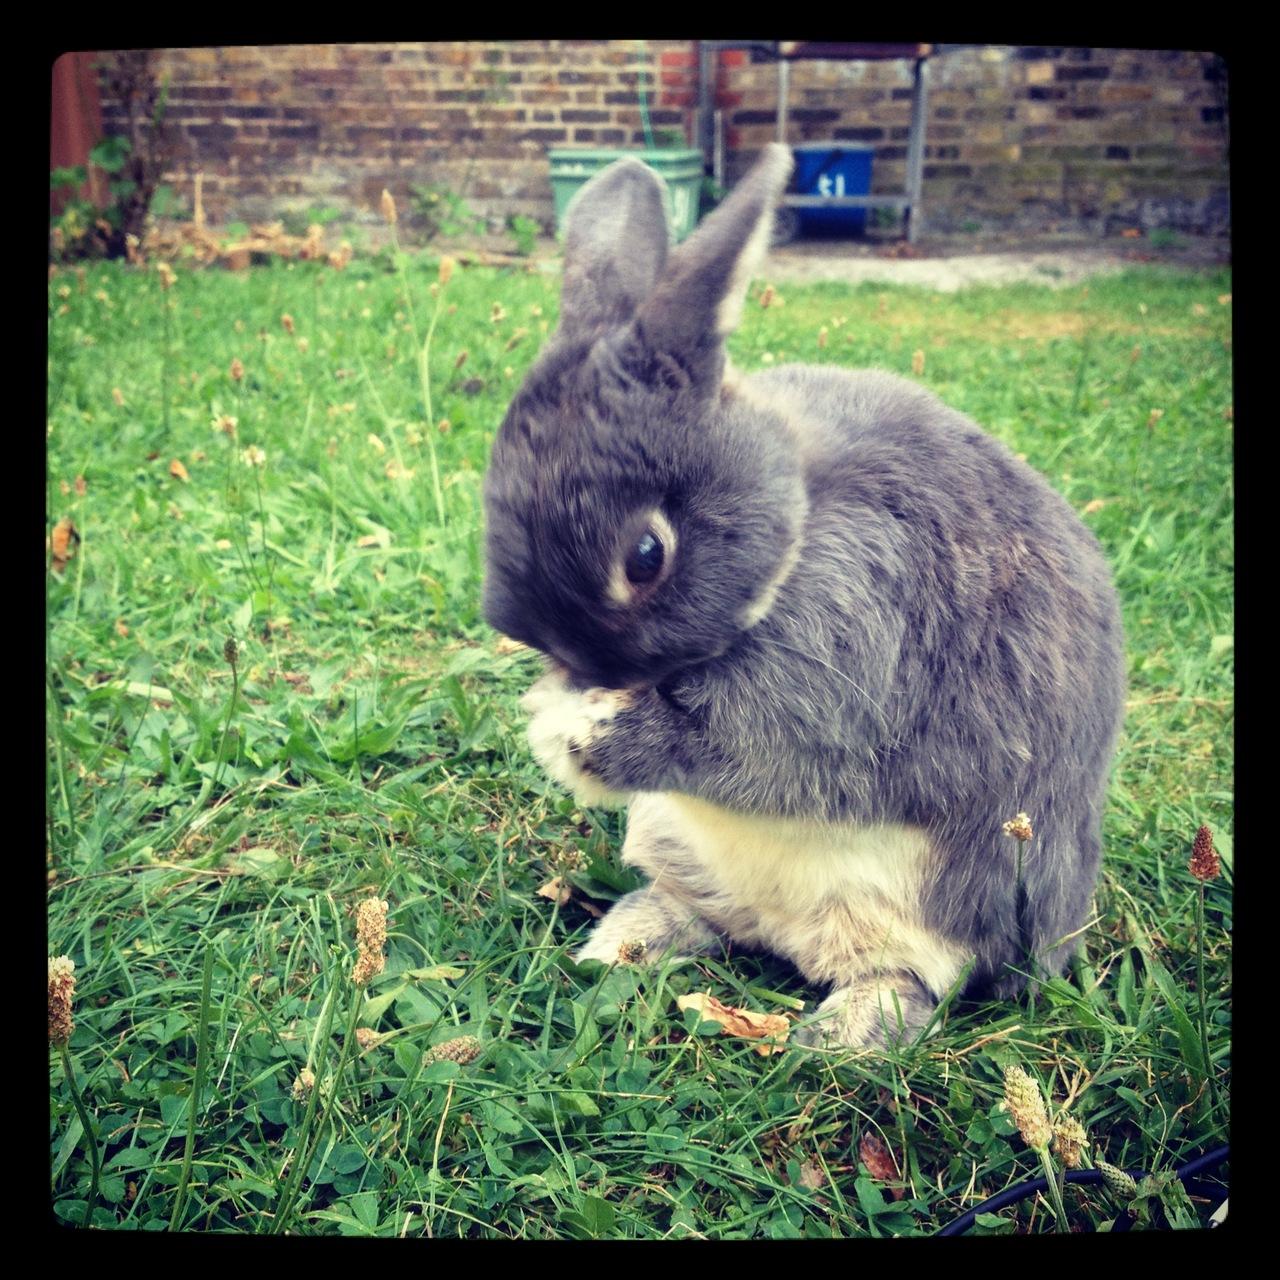 Bunny Has a Face Wash in the Garden